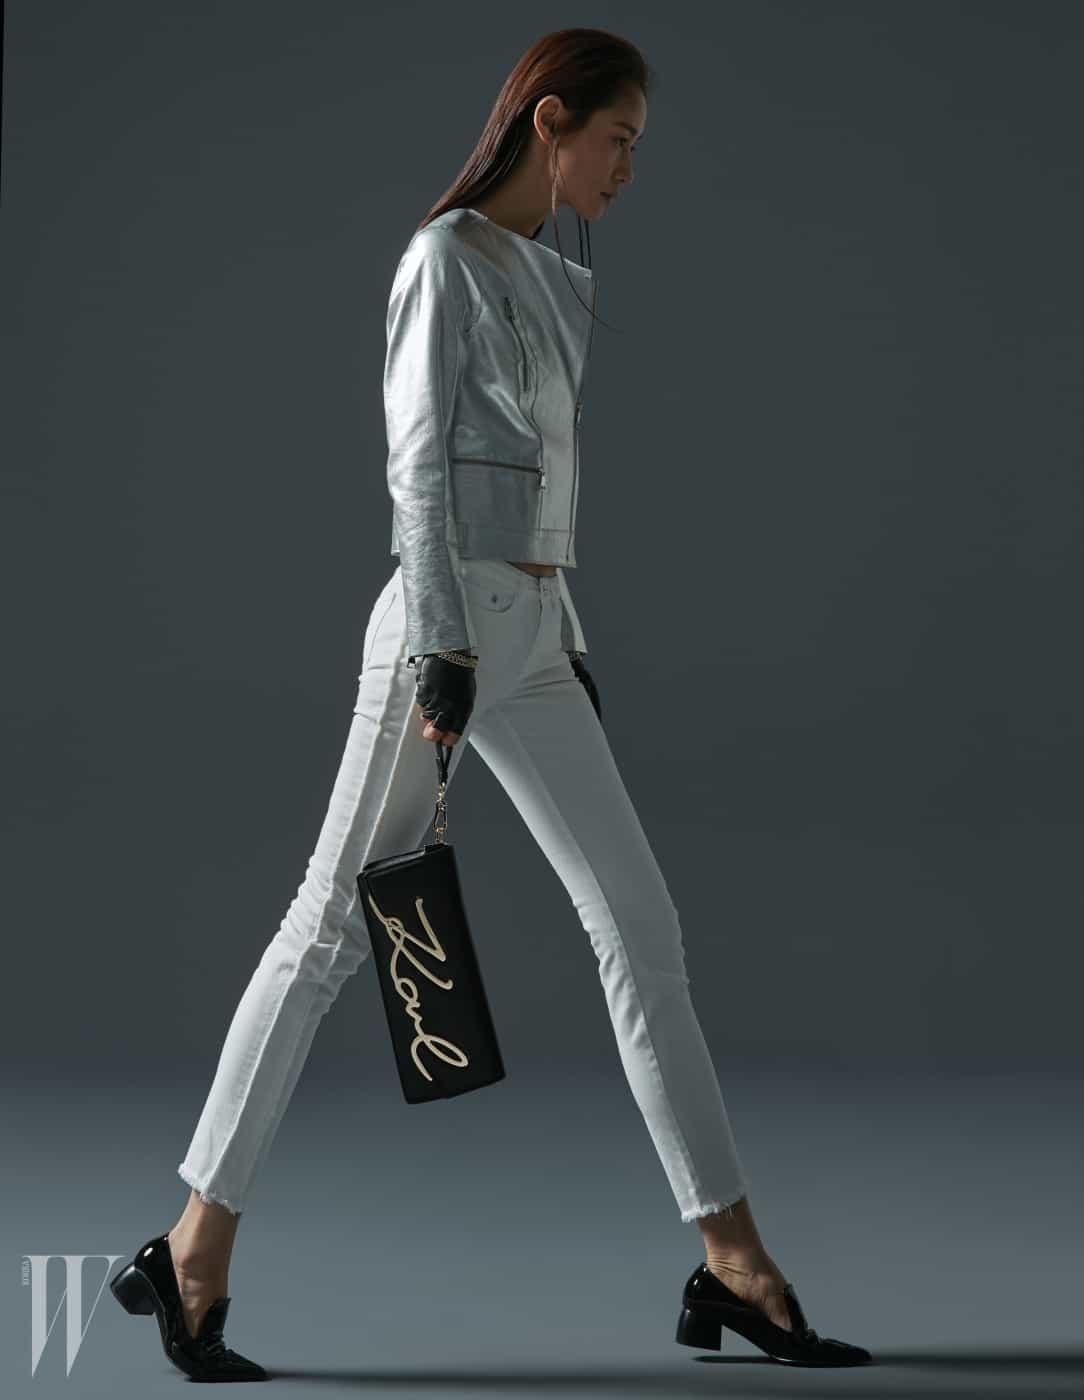 대담한 시그너처 장식이 눈에 띄는 소가죽 소재의 메탈 시그너처 클러치(Metal Signature Clutch), 정갈한 디자인의 메탈릭 실버 바이커 재킷, 하얀 데님 팬츠, 핑거리스 가죽 장갑은 모두 Karl Lagerfeld 제품.